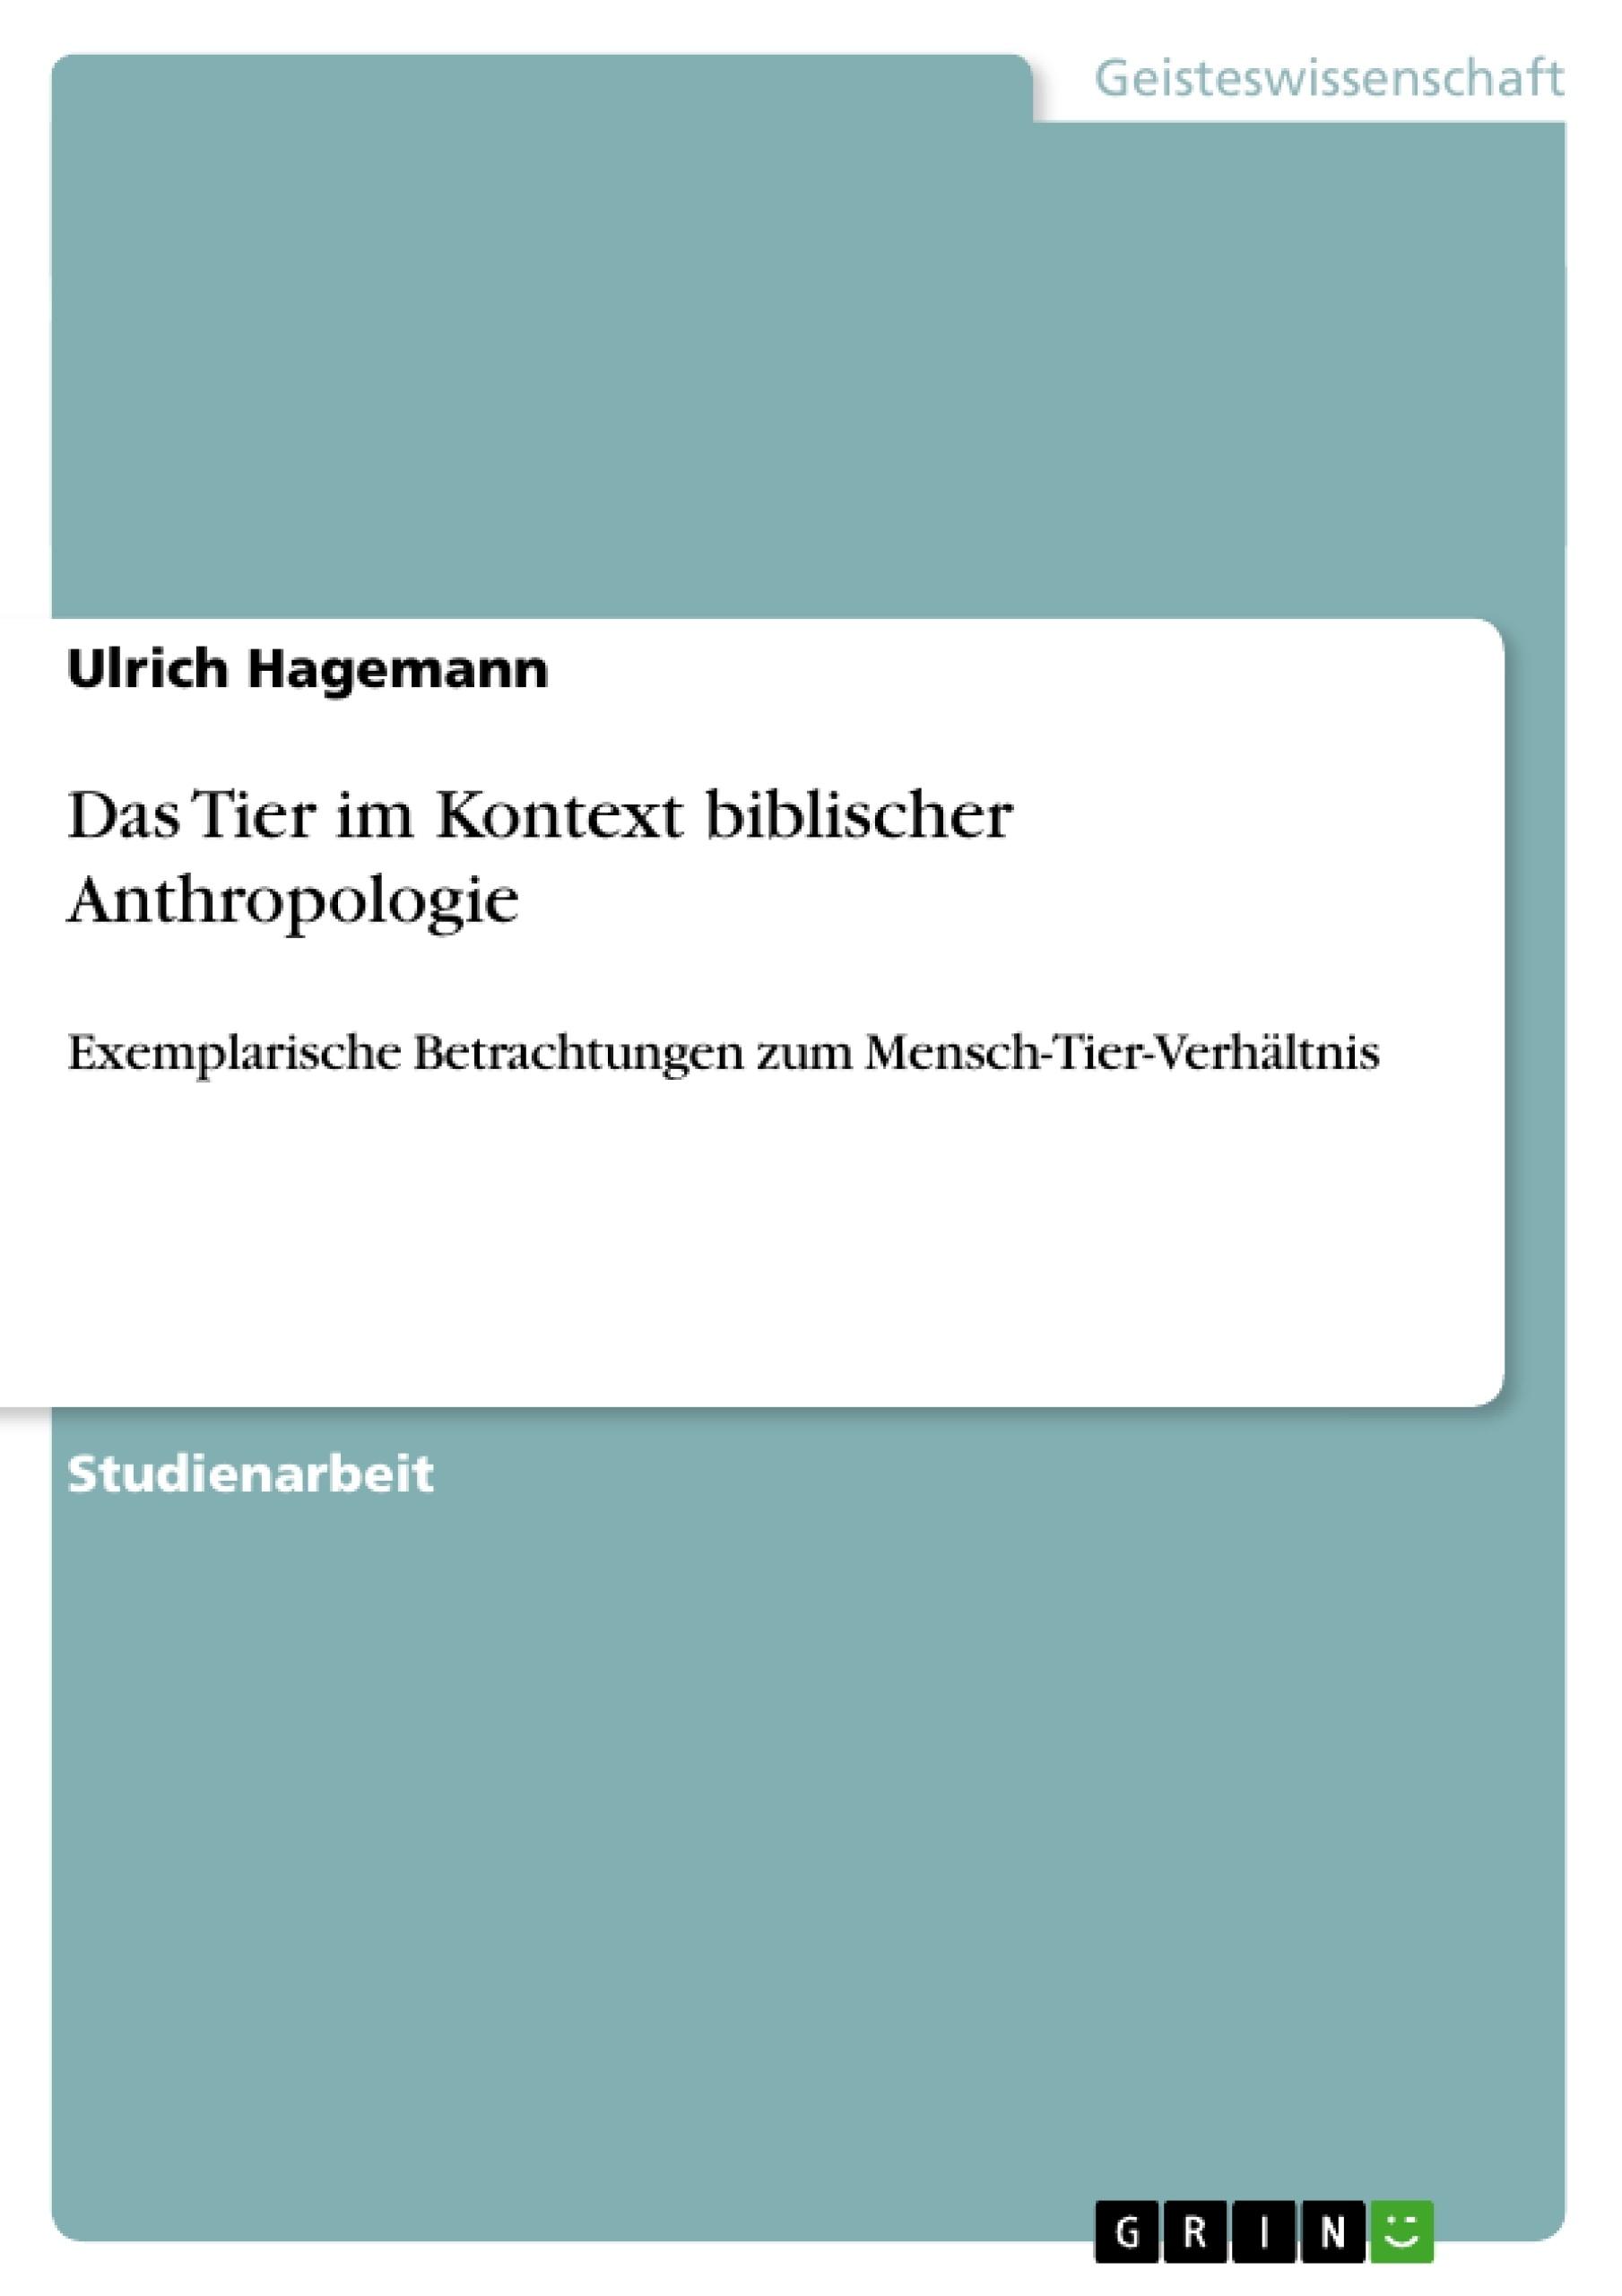 Titel: Das Tier im Kontext biblischer Anthropologie